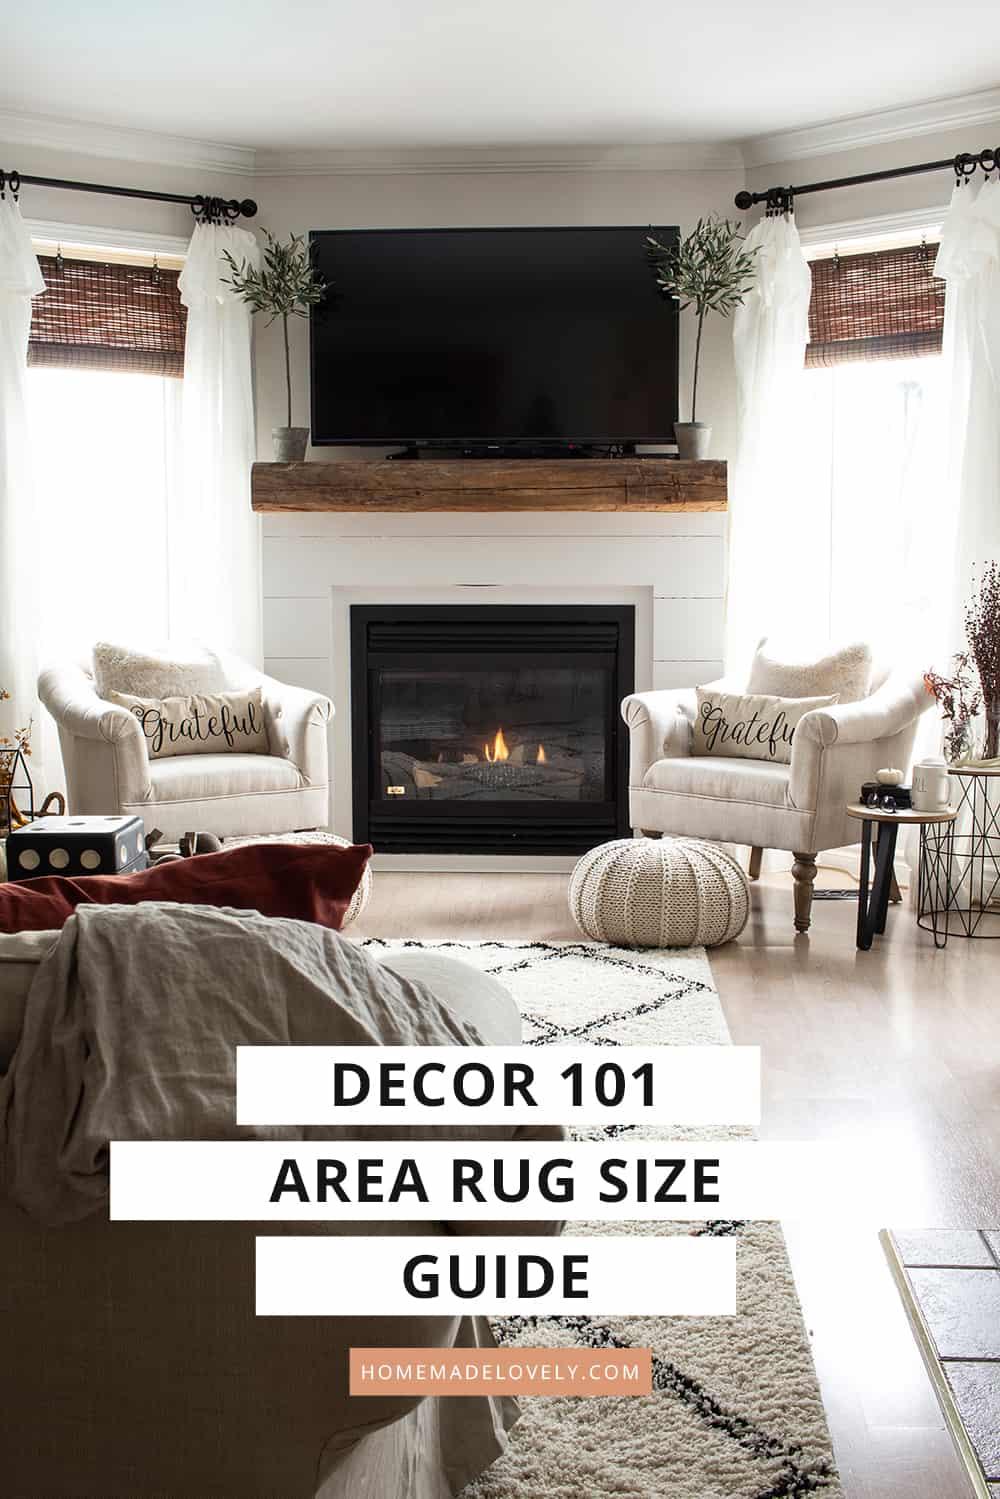 correct area rug sizes